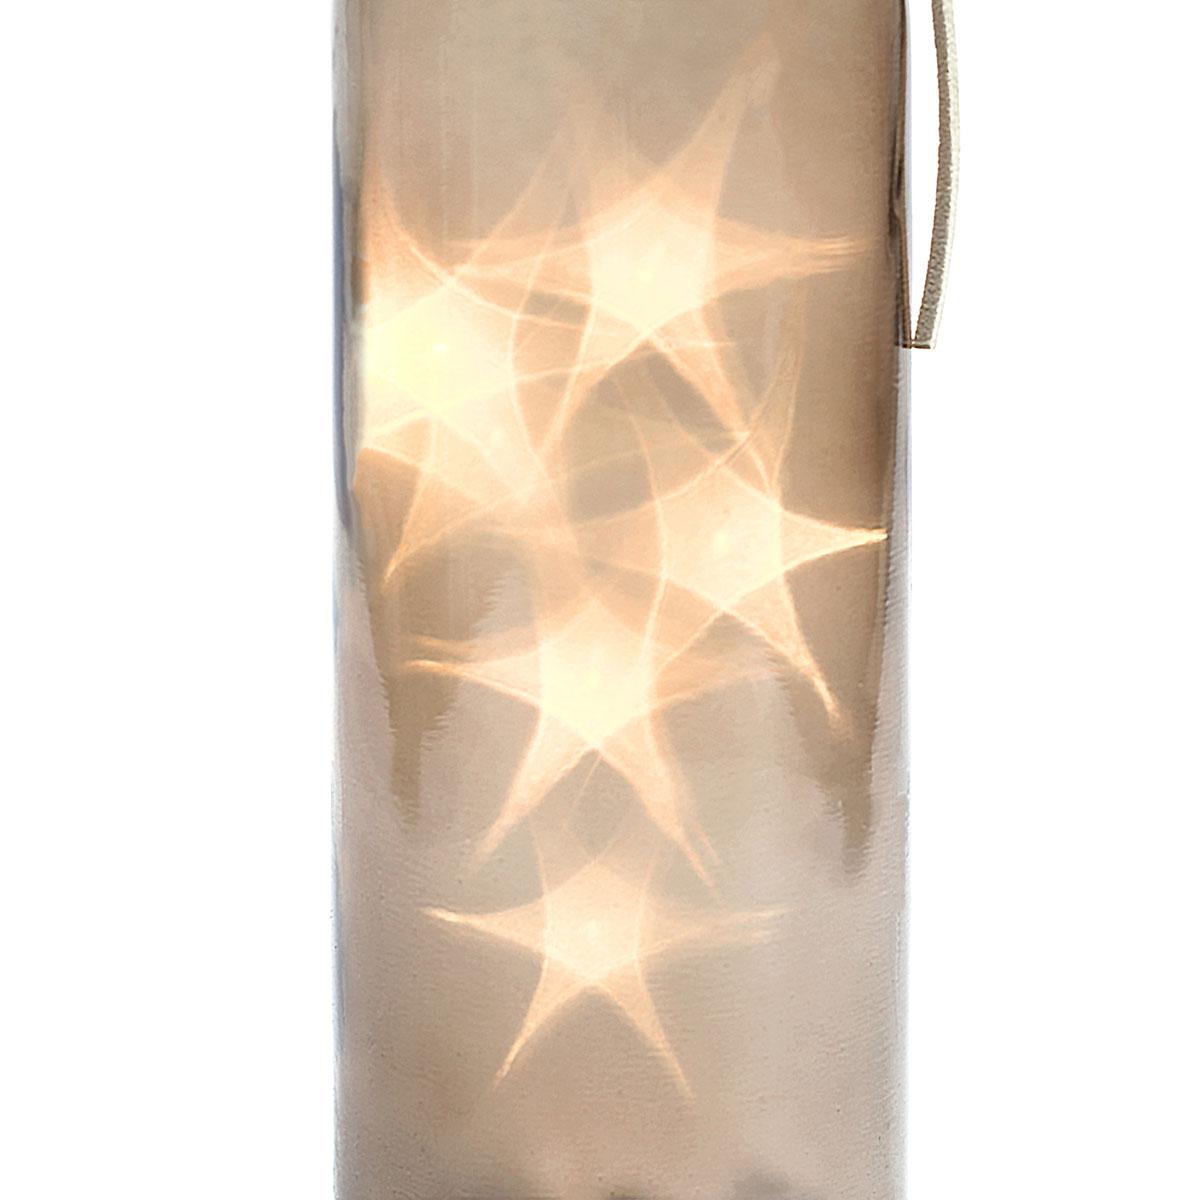 art decor Flasche mit LED Beleuchtung, Dekoflasche, Flaschenlicht ...